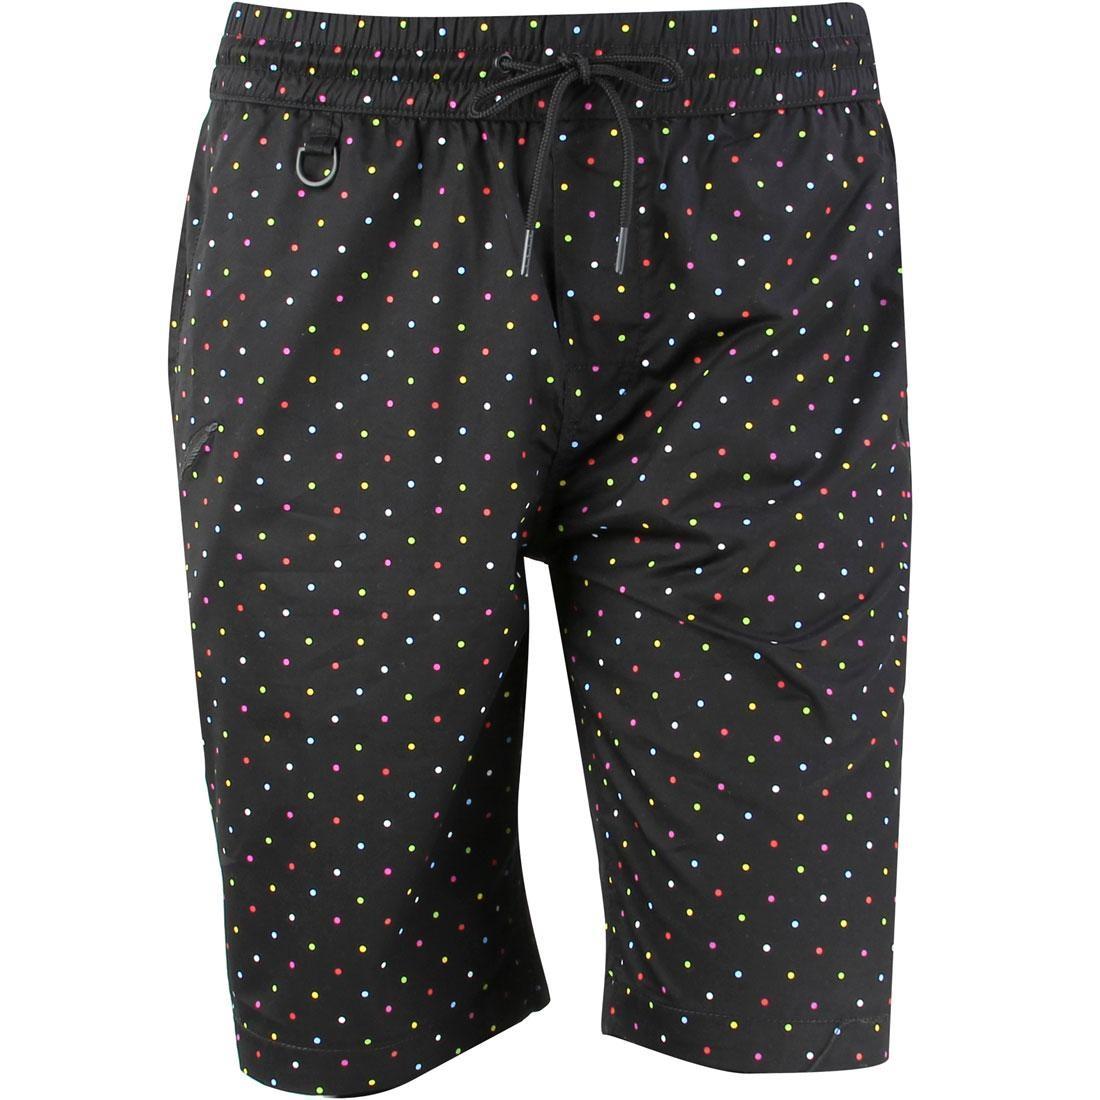 パブリッシュ ショーツ ハーフパンツ 黒 ブラック 【 BLACK PUBLISH MEN SIMON SHORTS MULTI 】 メンズファッション ズボン パンツ